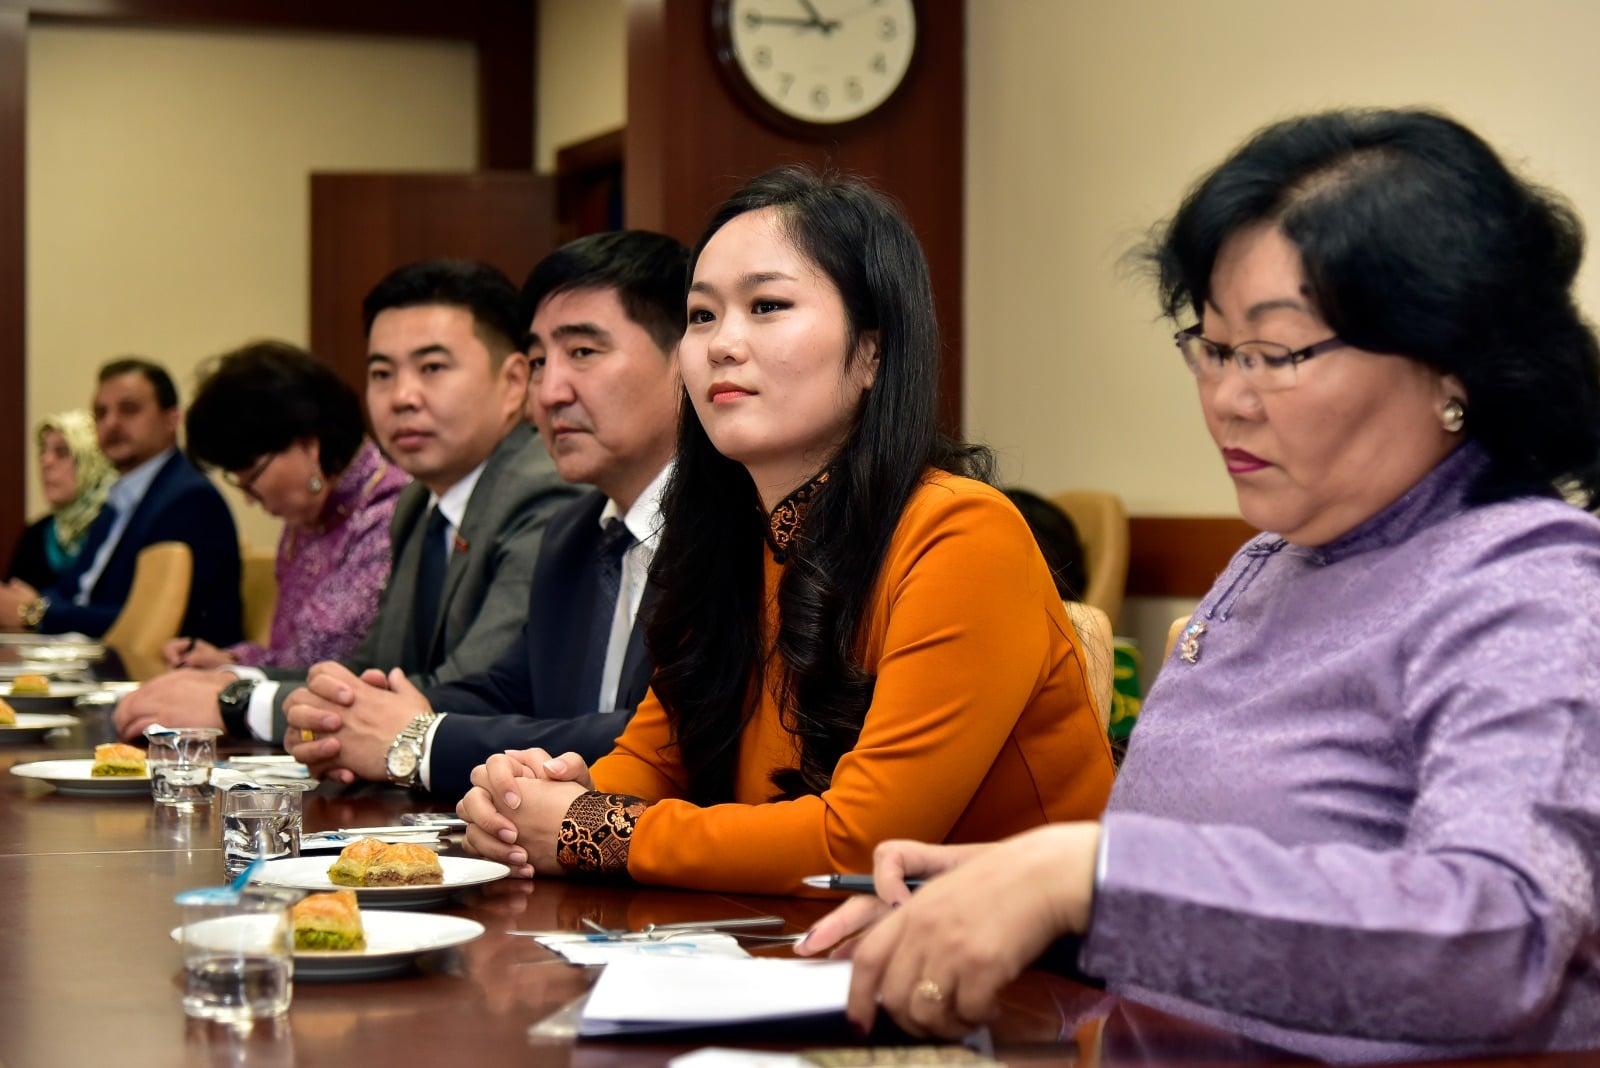 Pendik'ten Moğolistan'a ''Sıfır Atık ve Geri Dönüşüm'' konusunda işbirliği